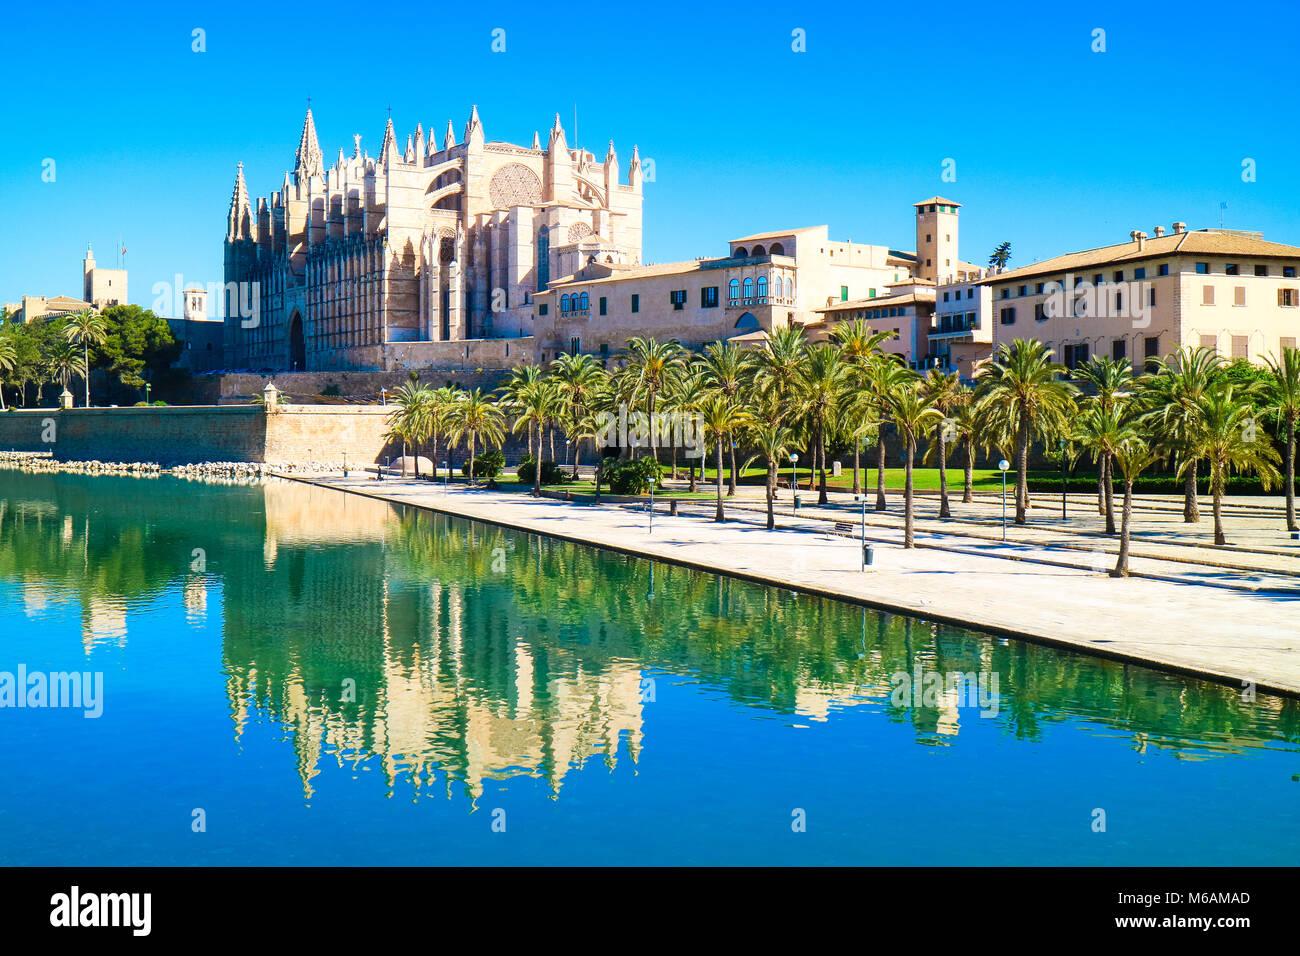 Palma de Mallorca, Spanien. La Seu - Die berühmten mittelalterlichen gotischen Kathedrale in der Hauptstadt Stockbild